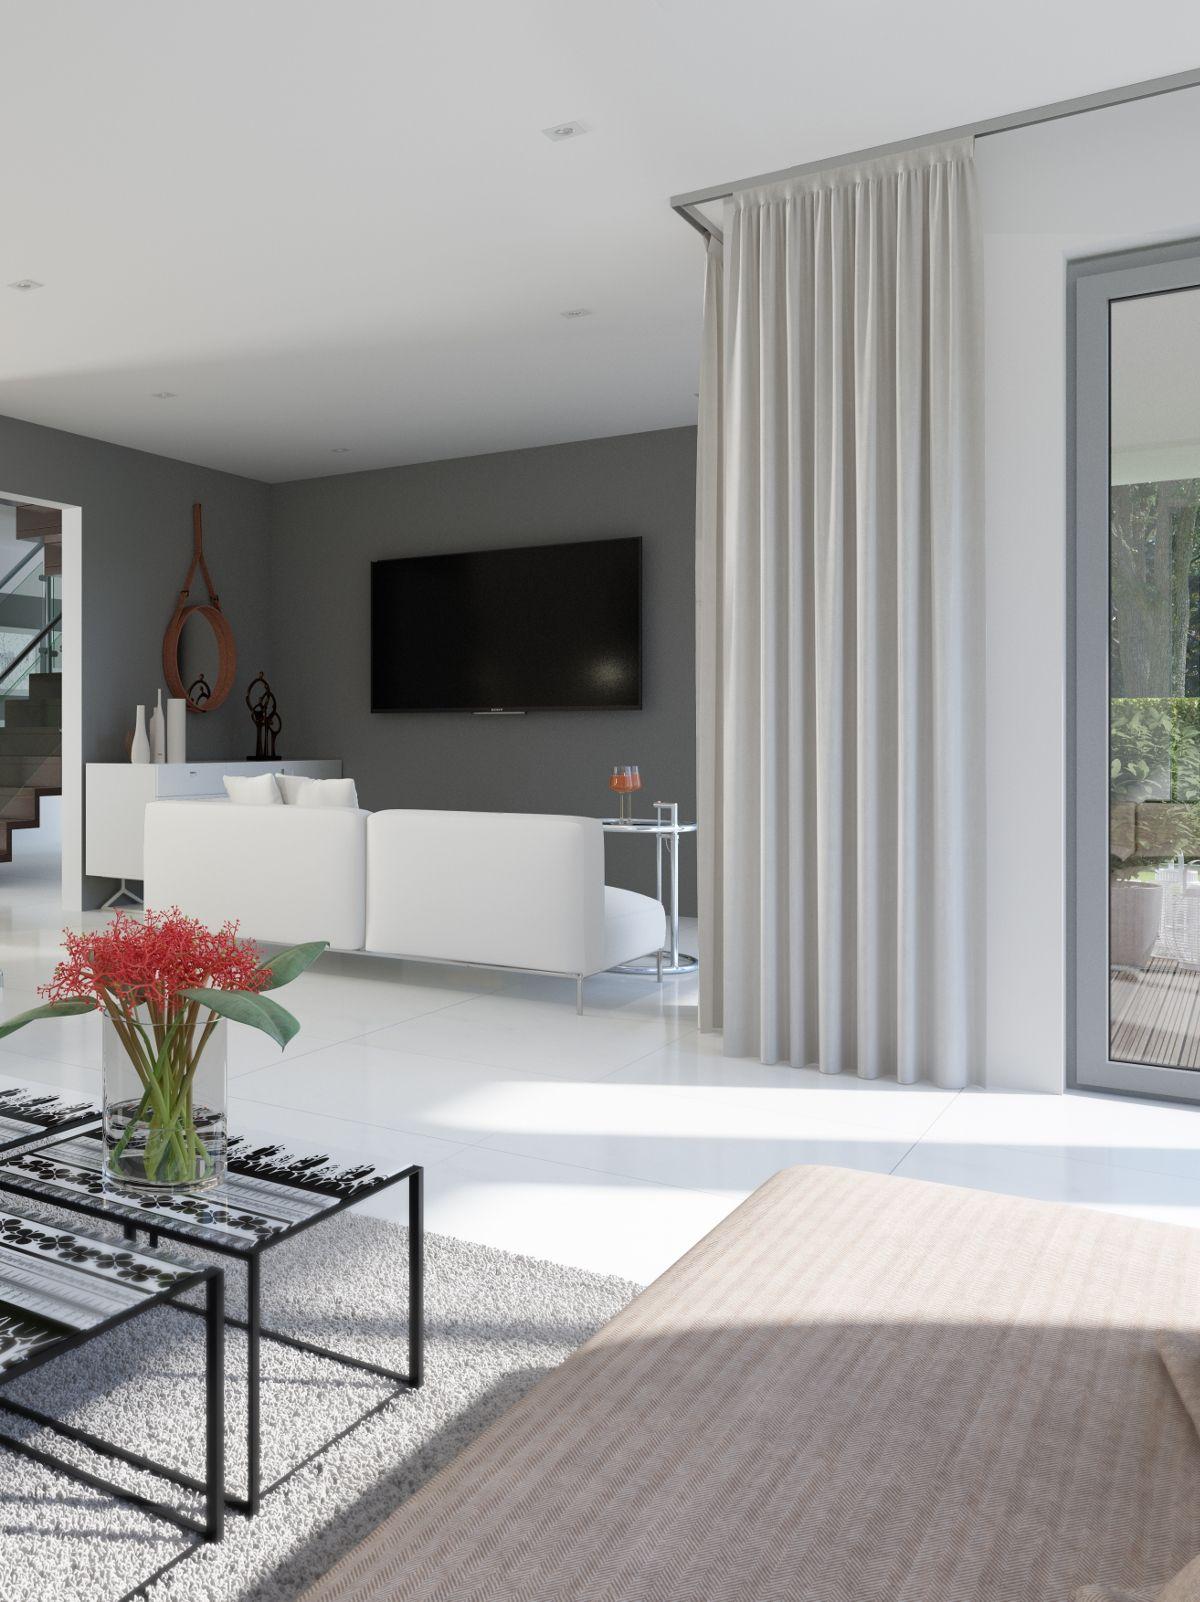 Wohnzimmer des modernen interieurs des hauses ein wohnzimmer das sogar für zwei sofagarnituren platz hat  ist